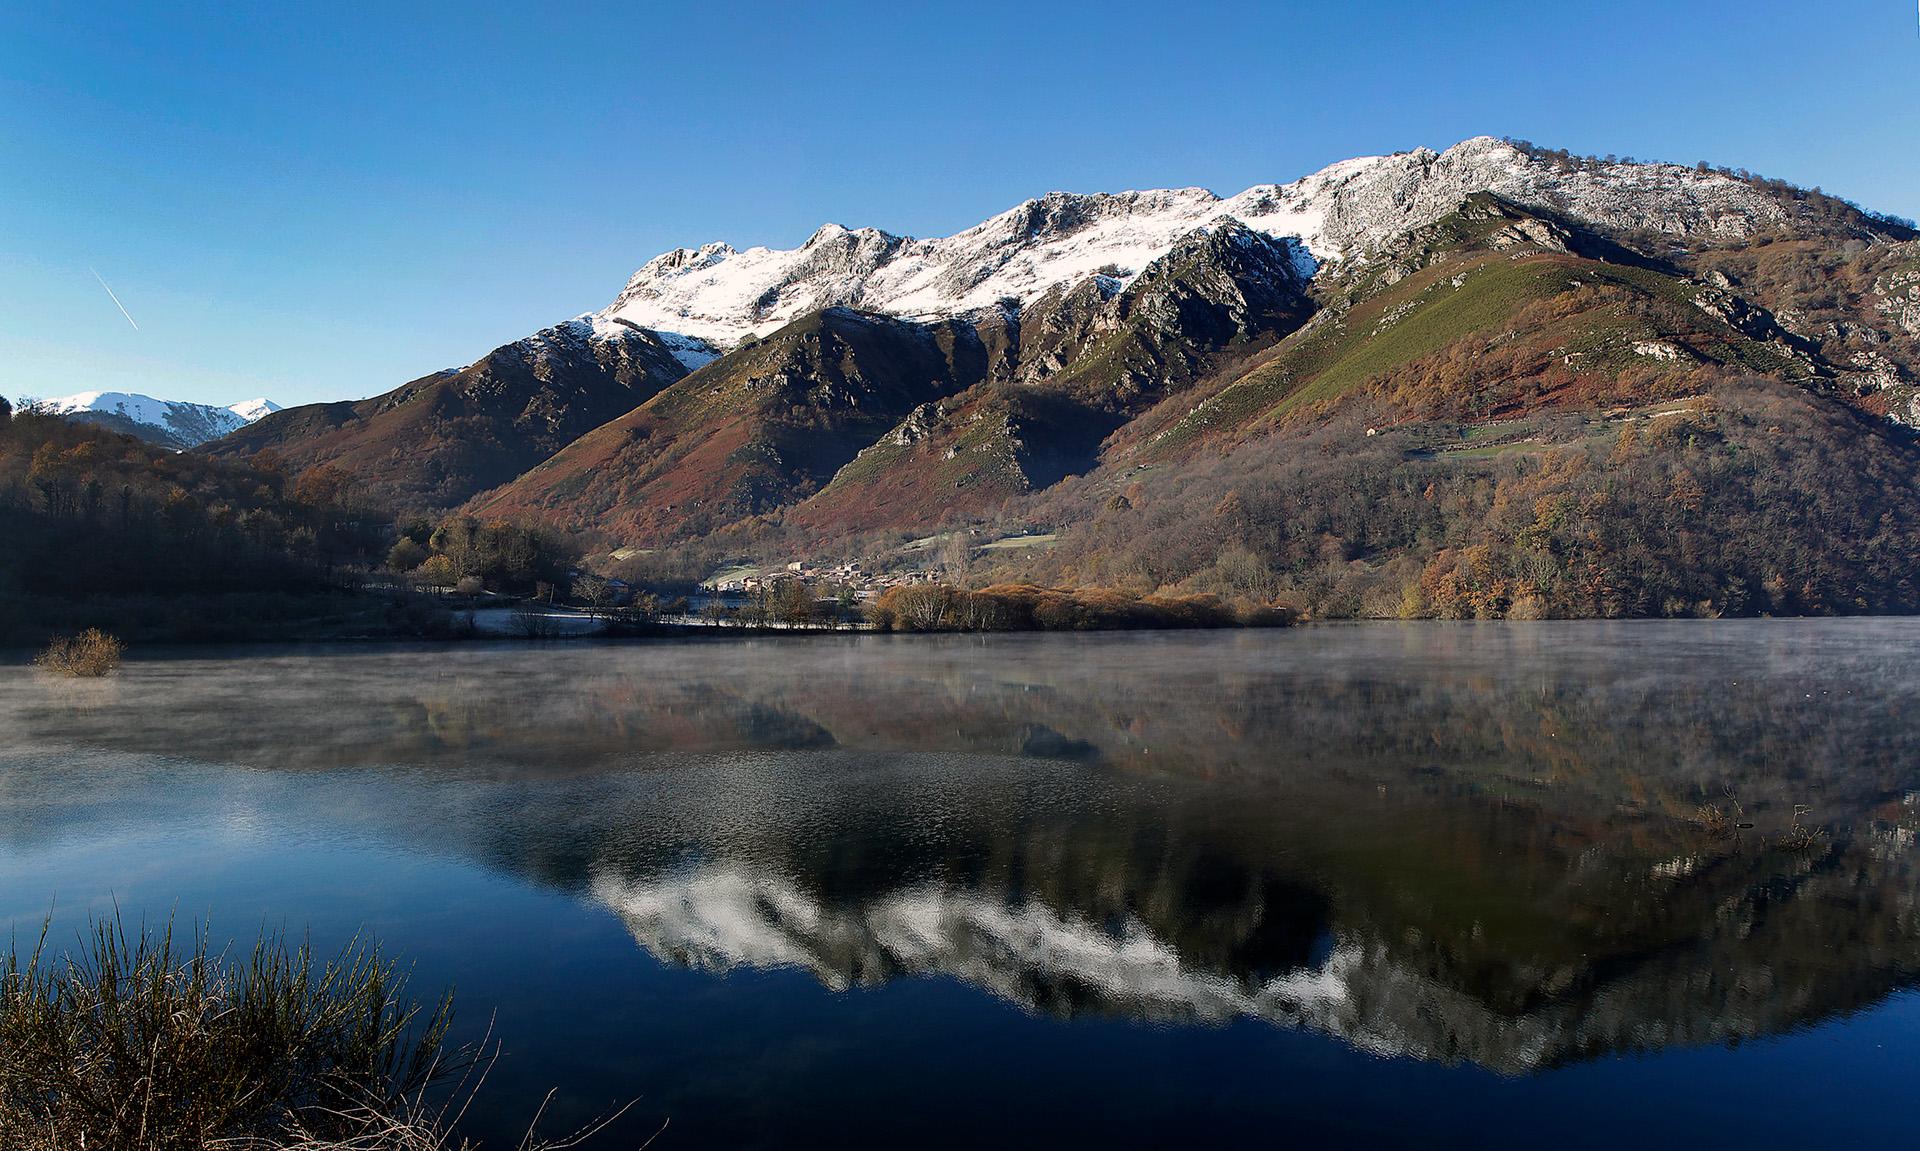 Juan Carlos De Porrras Pérez-Rioseco - 2018 - AFONAS, Asociación de Fotografos de Naturaleza de Asturias